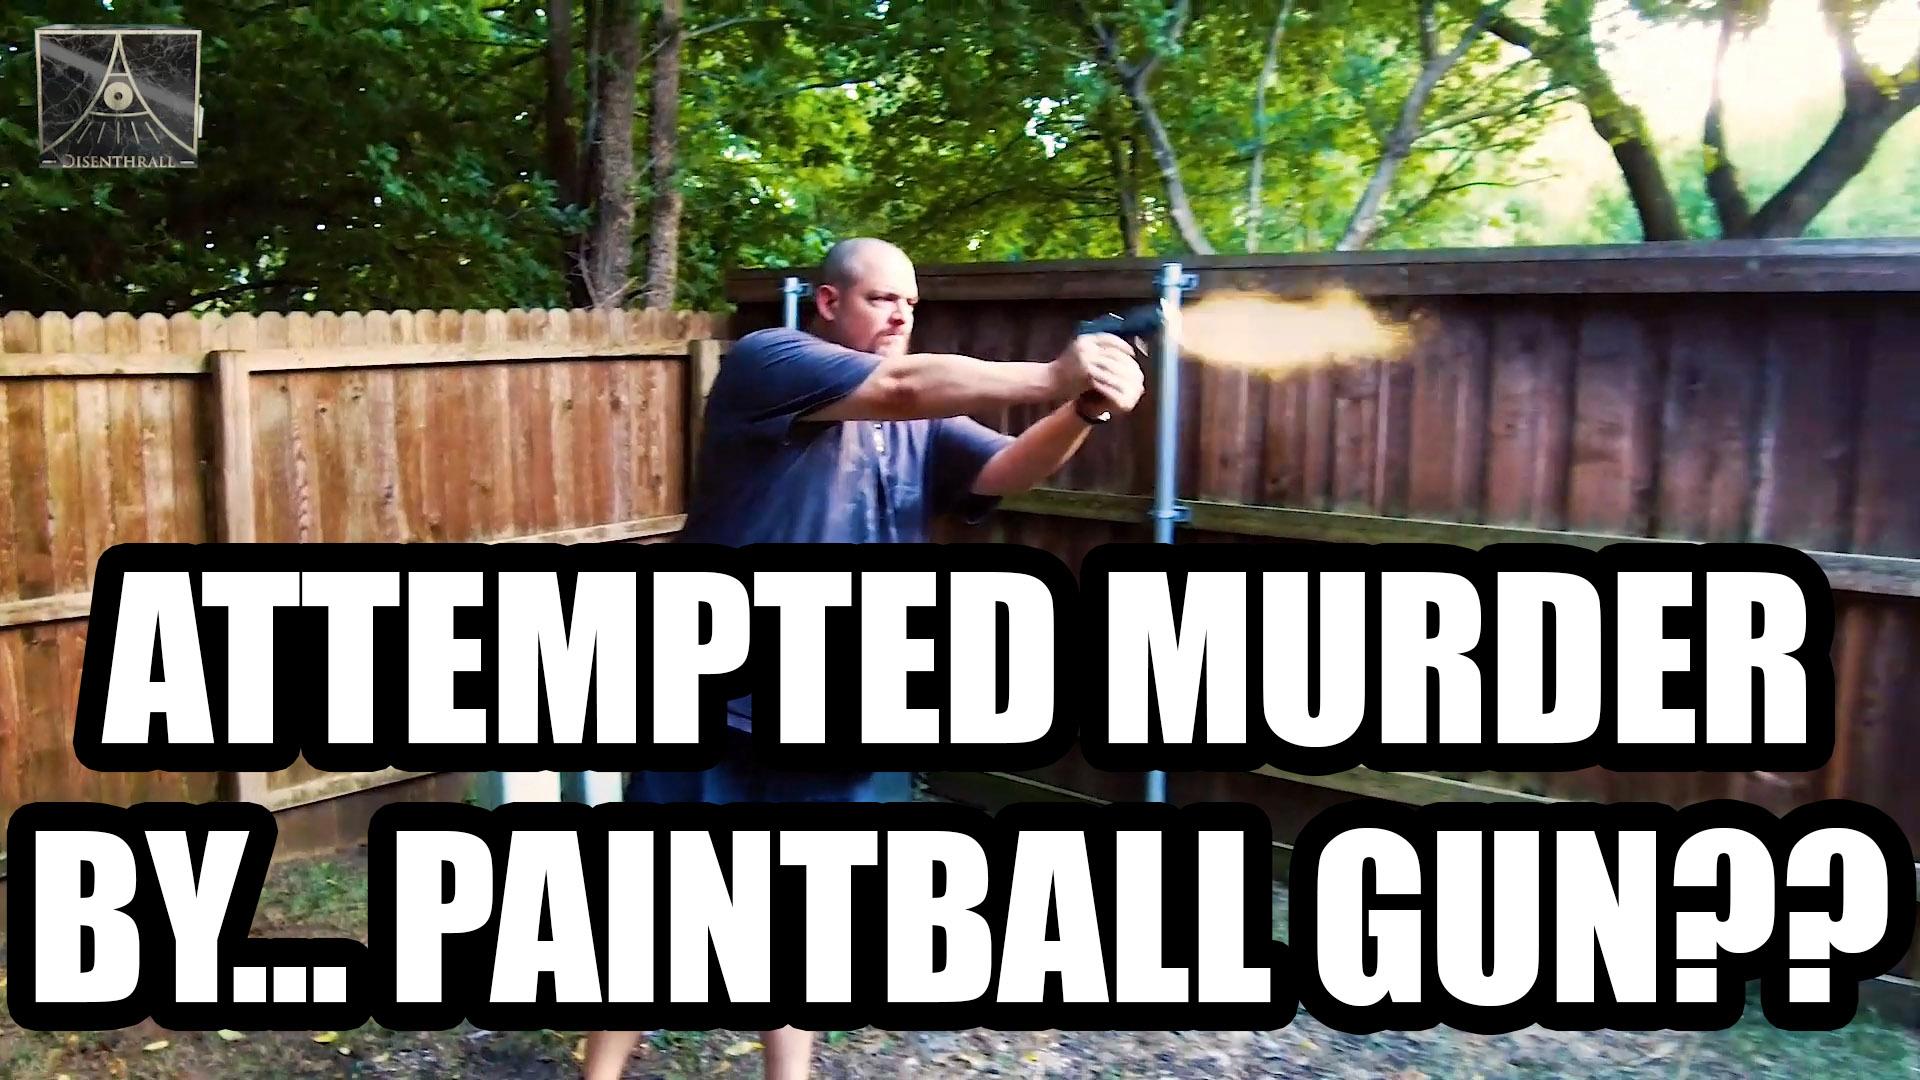 ATTEMPTED MURDER BY PAINTBALL GUN???!